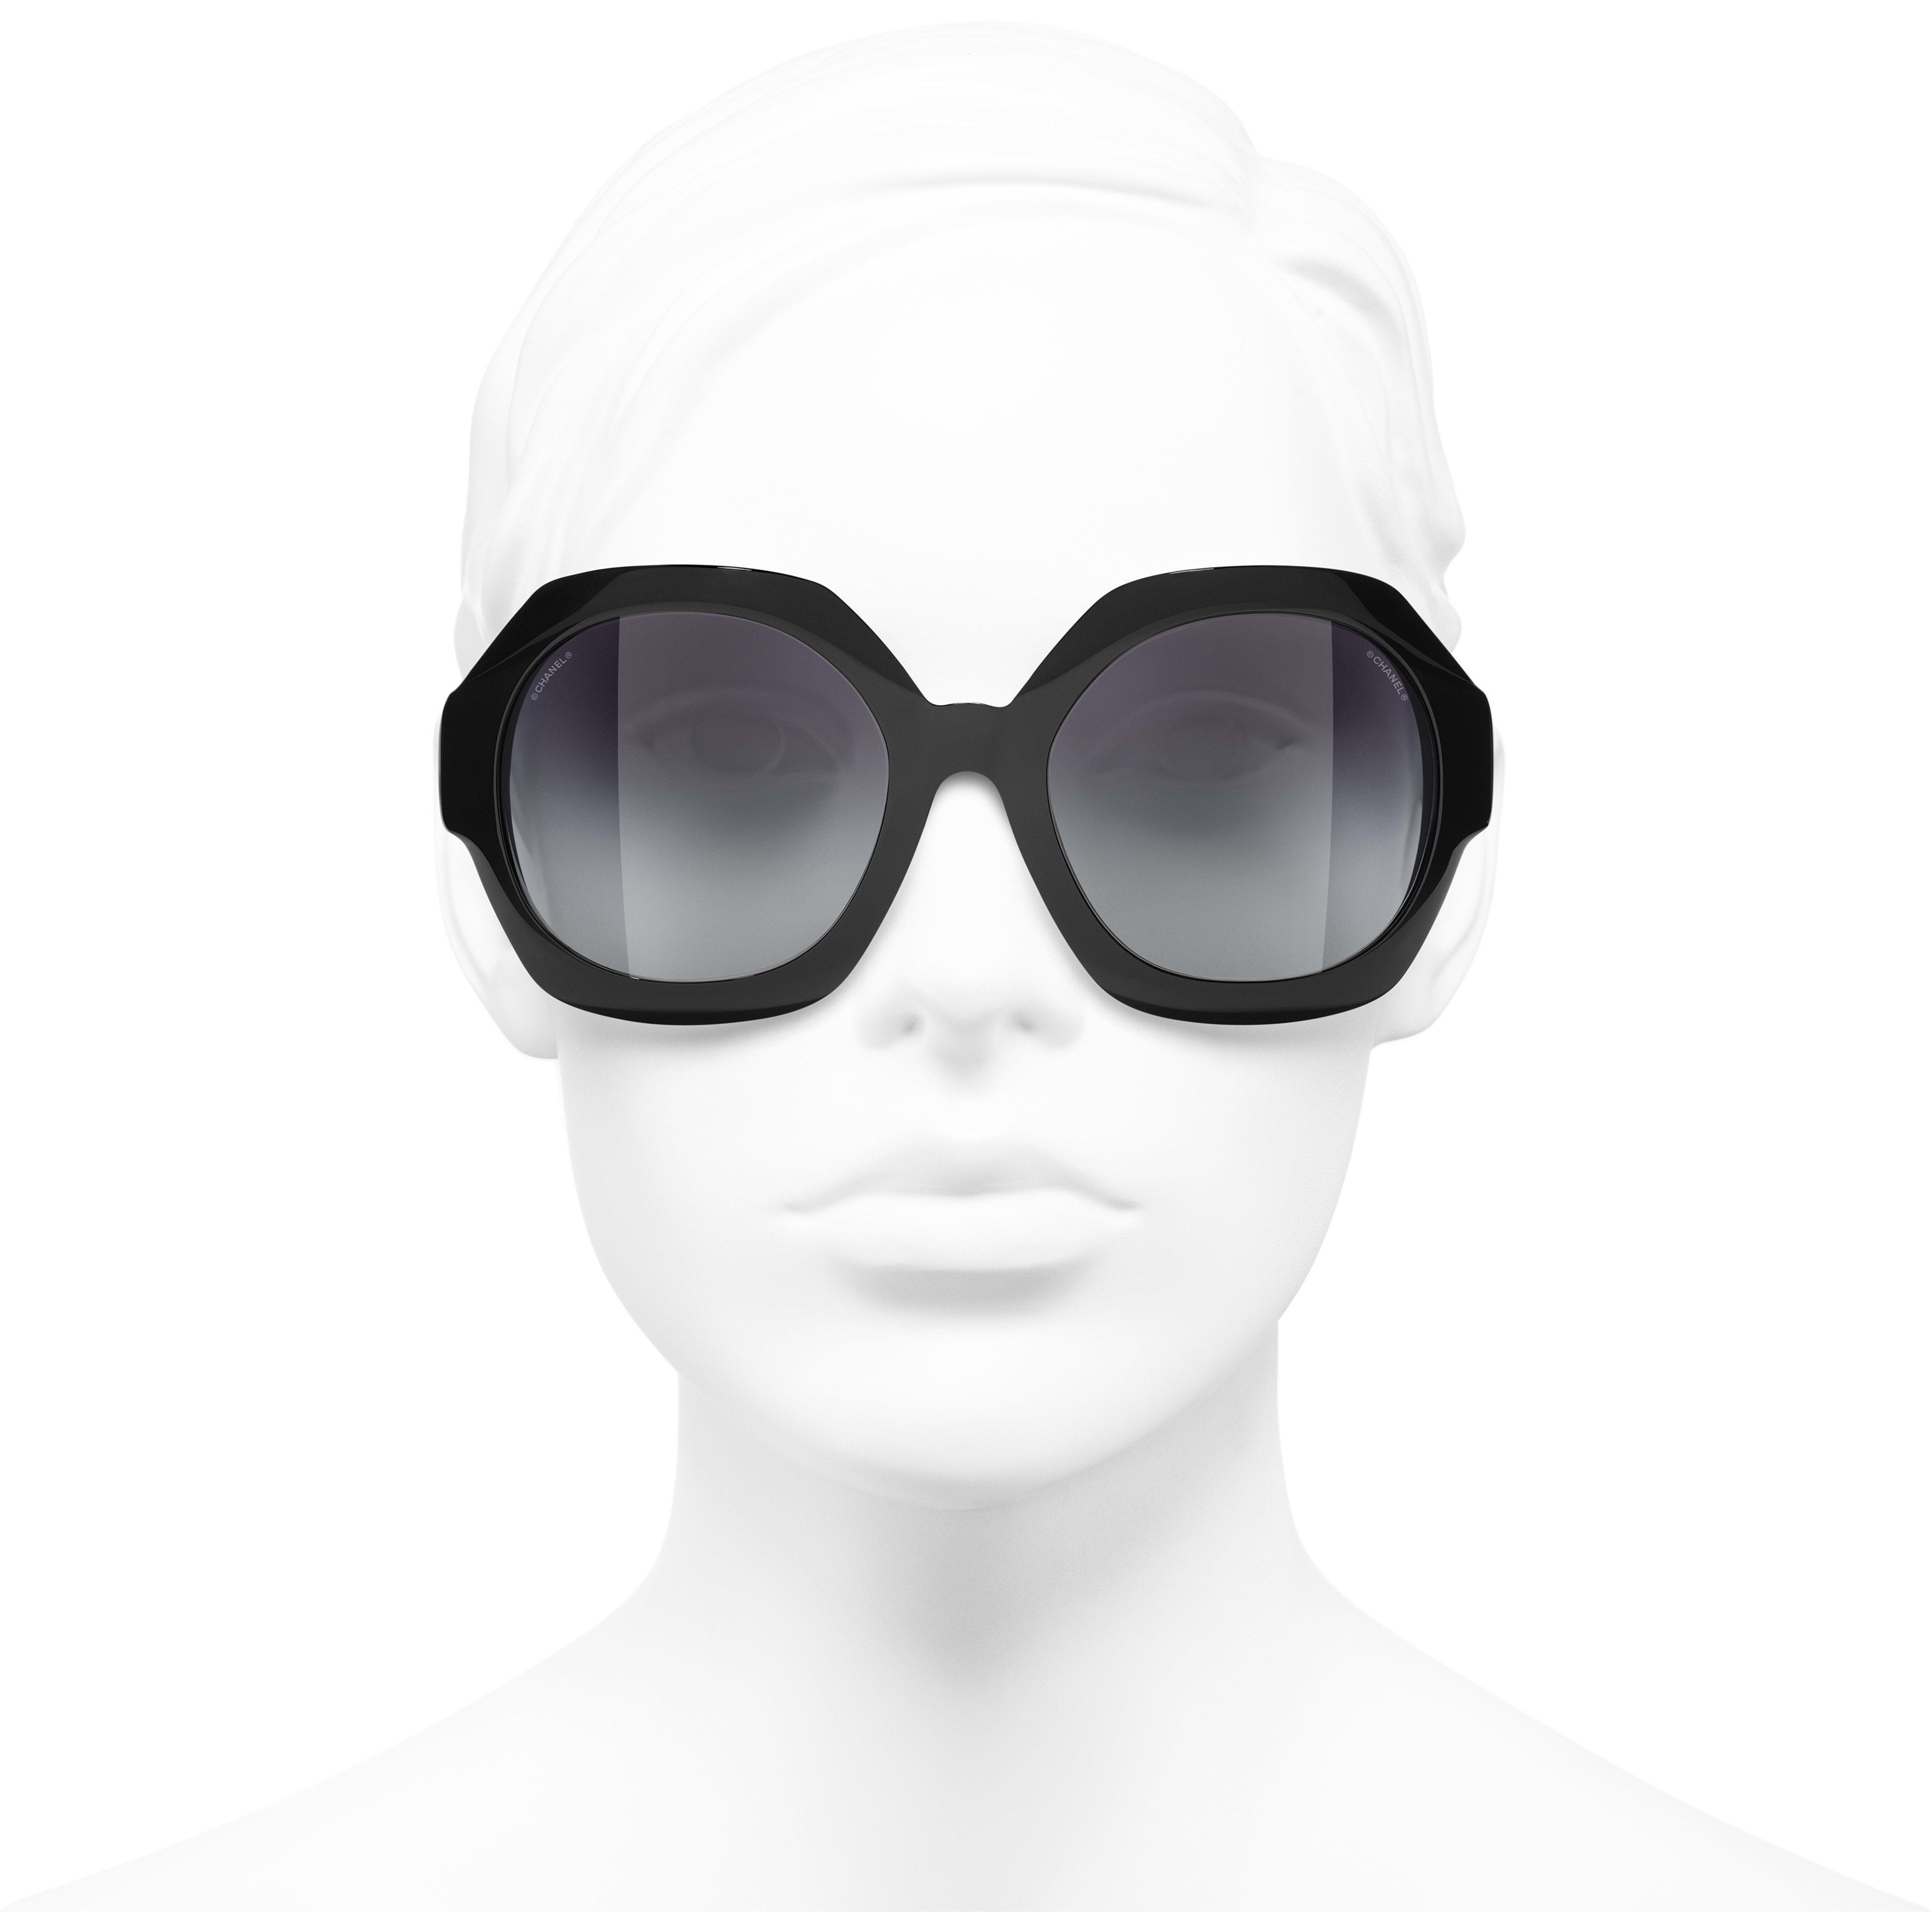 Ronde zonnebril - Zwart - Acetaat - CHANEL - Gedragen weergave voorzijde - zie versie op standaardgrootte